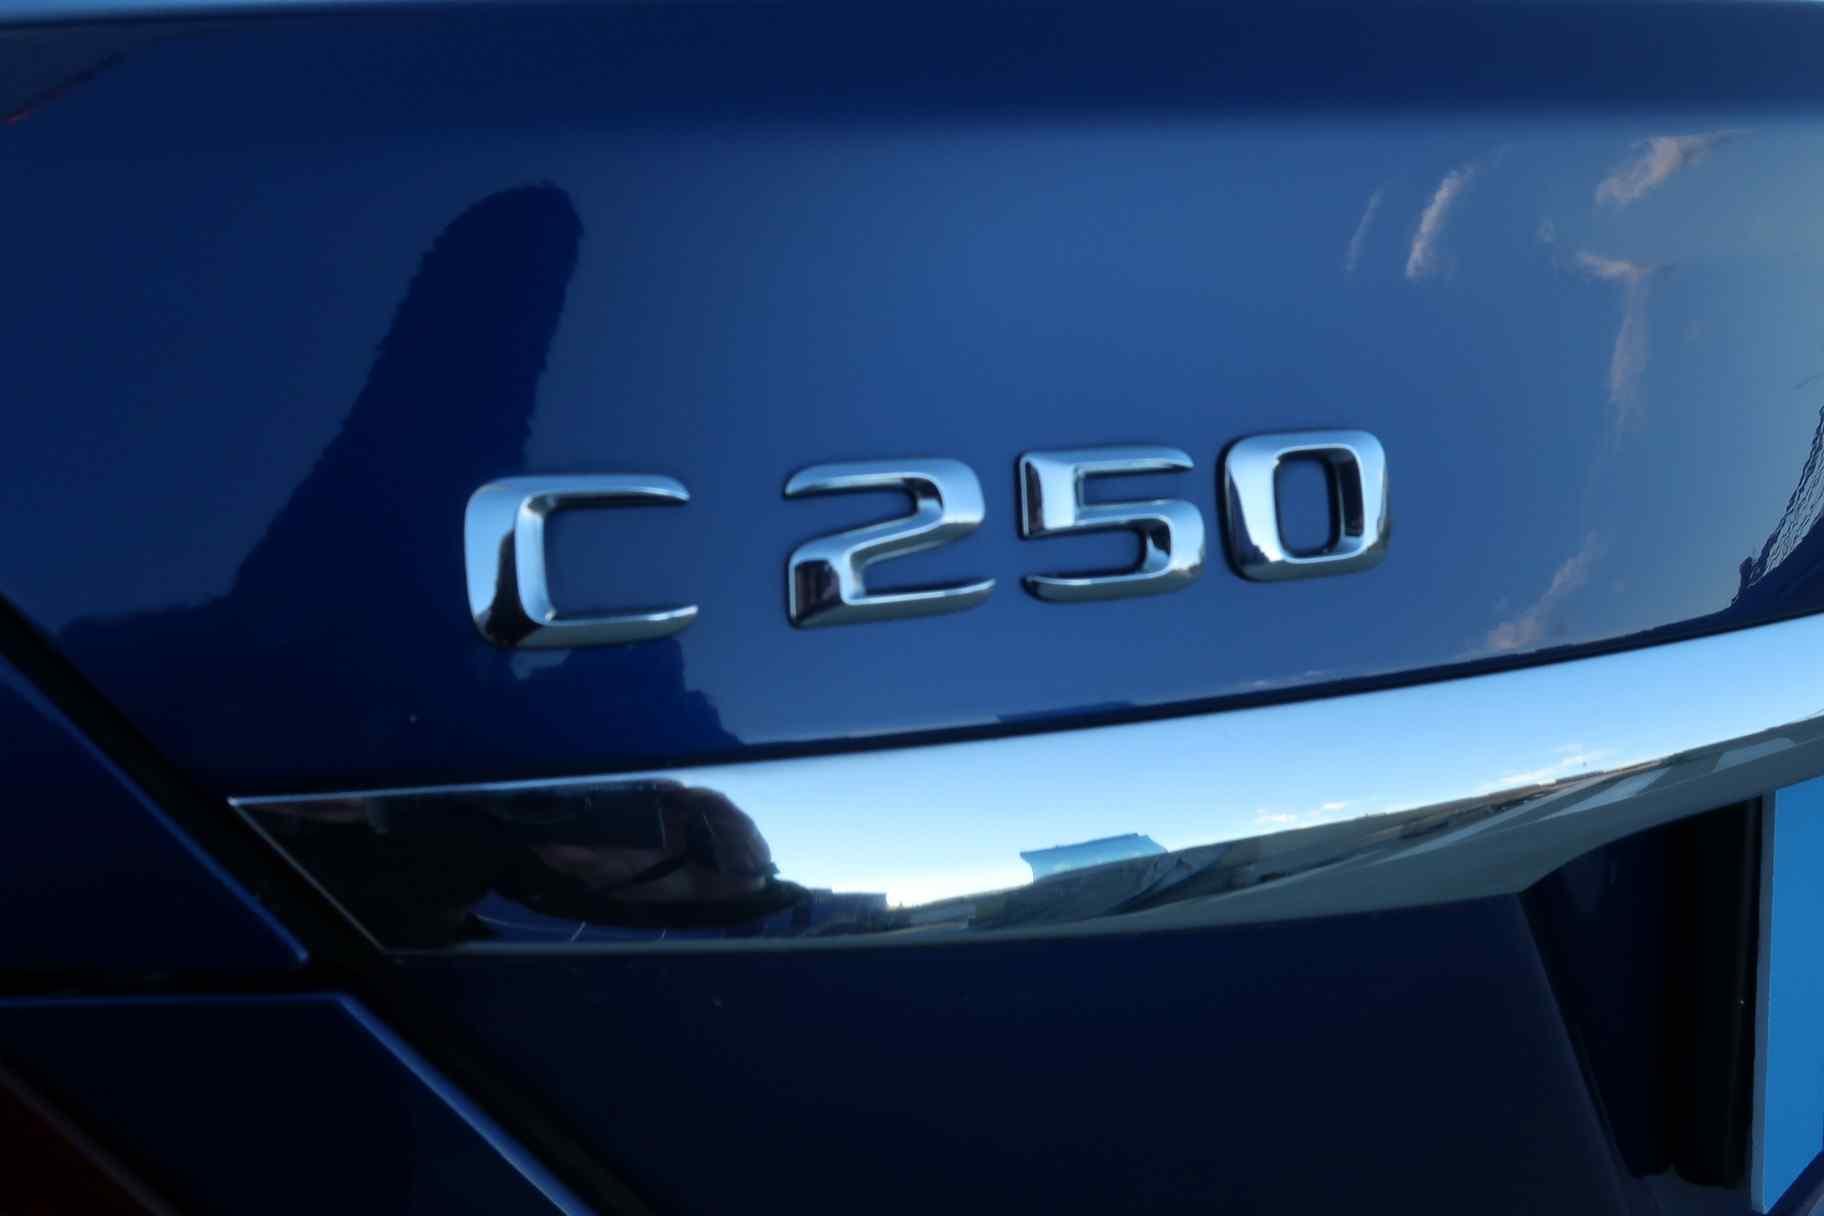 Mercedes C 250 Exclusive